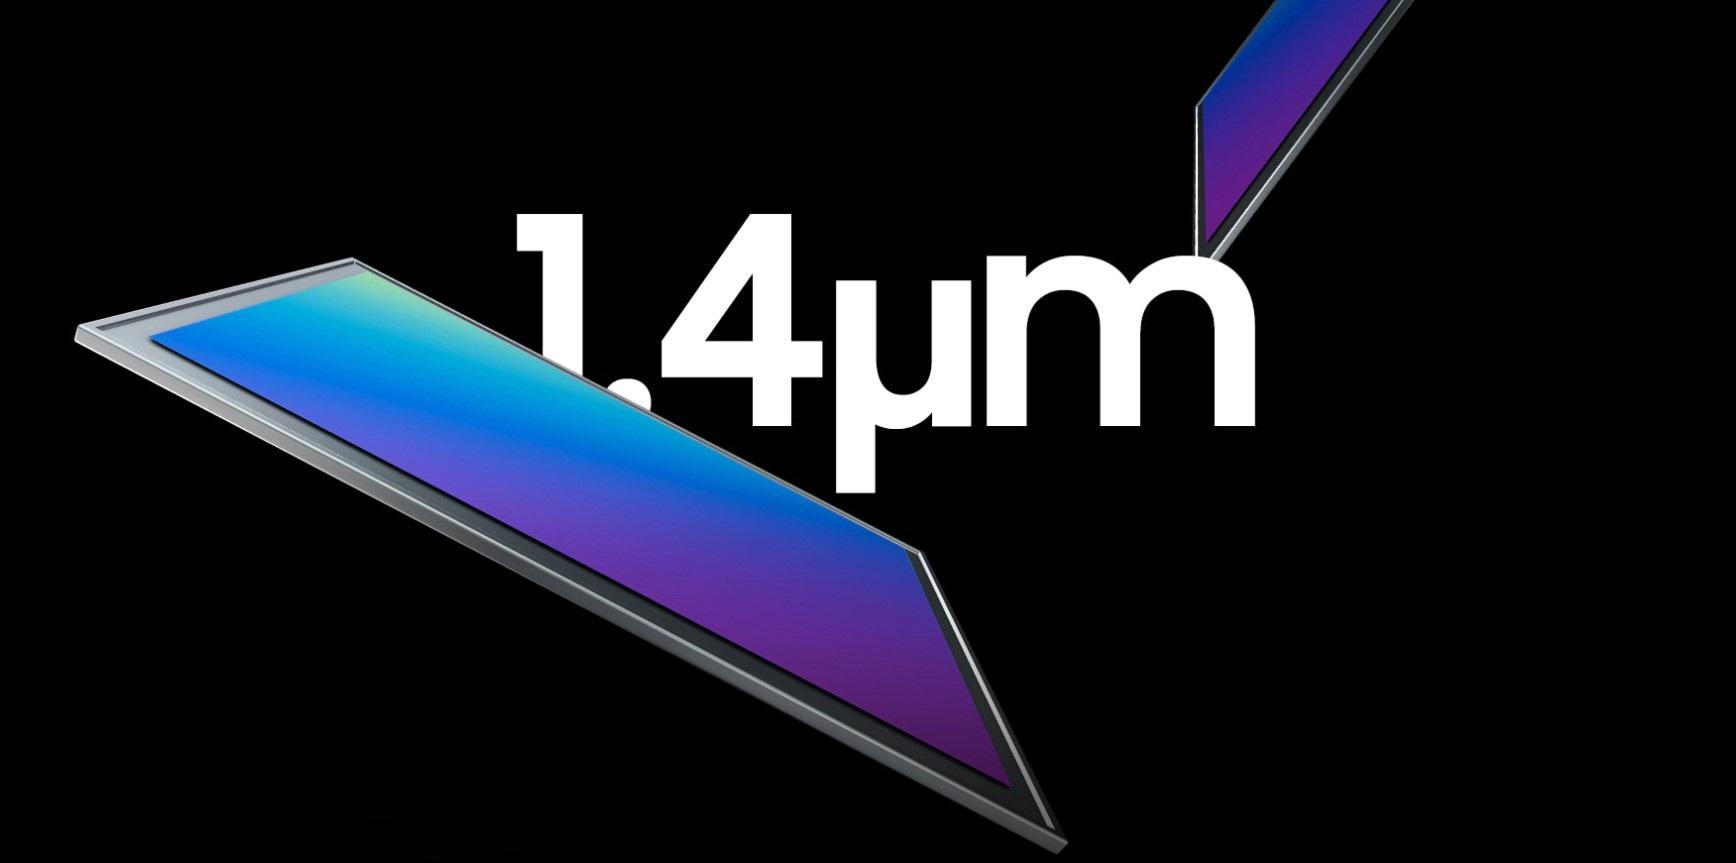 تعرف على مستشعر سامسونج الجديد الذي سيظهر في هاتف Xiaomi Mi 11 Ultra